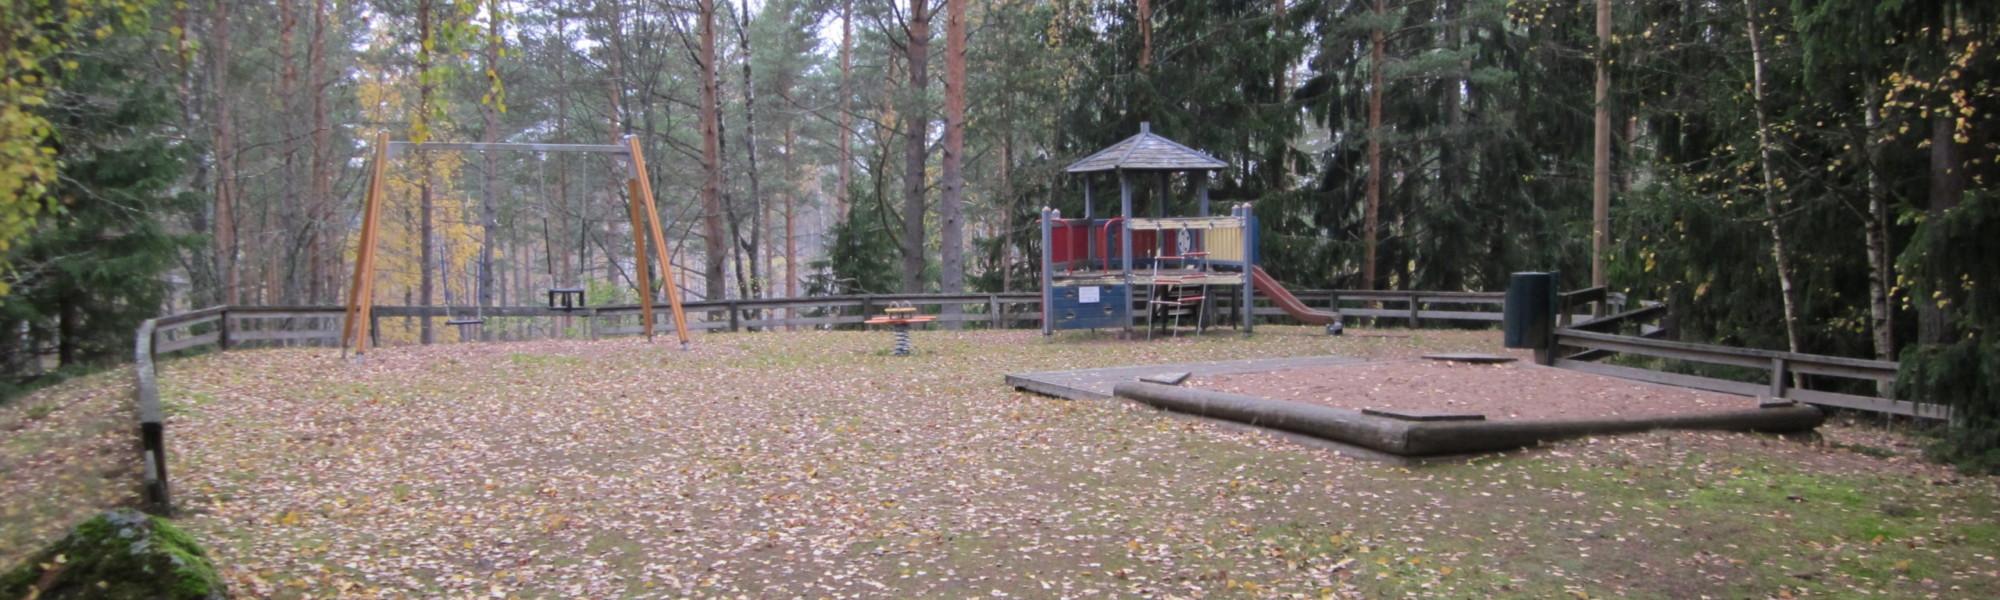 Kuvassa on Haltijantien leikkipaikka